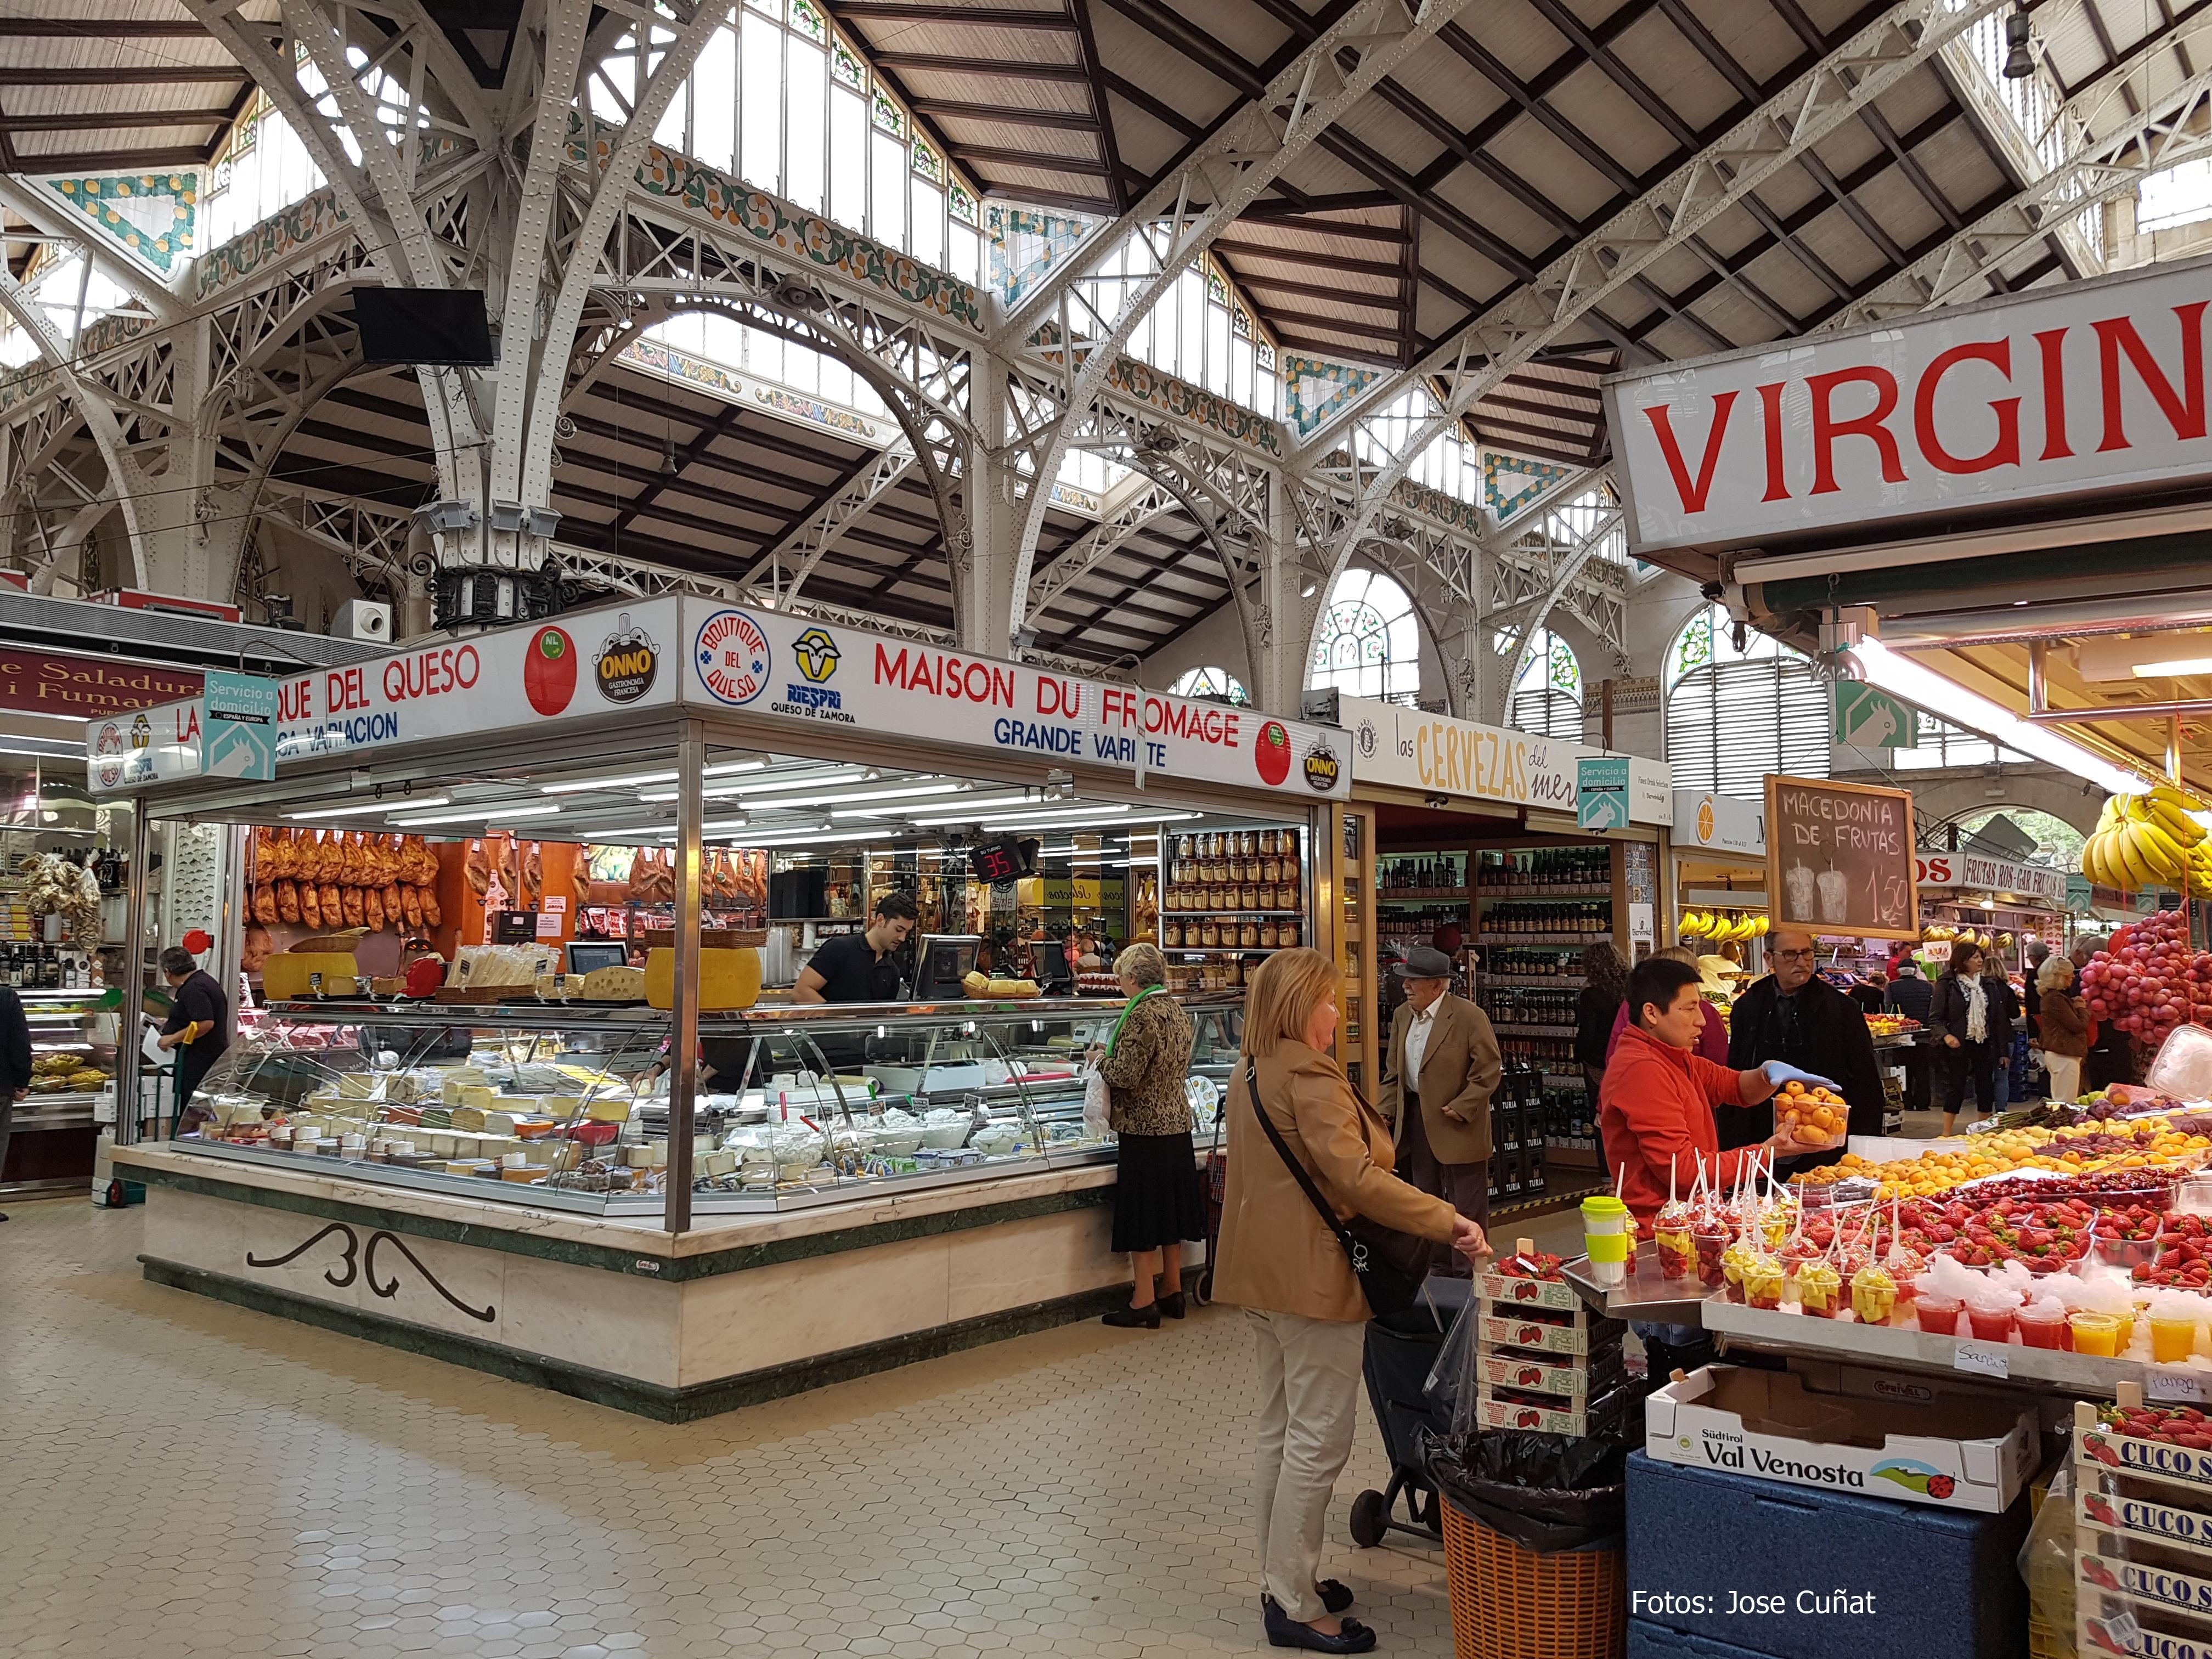 #100AnysFentMercat el Mercado Central de Valencia gradecerá los 100 años vividos como Mercado